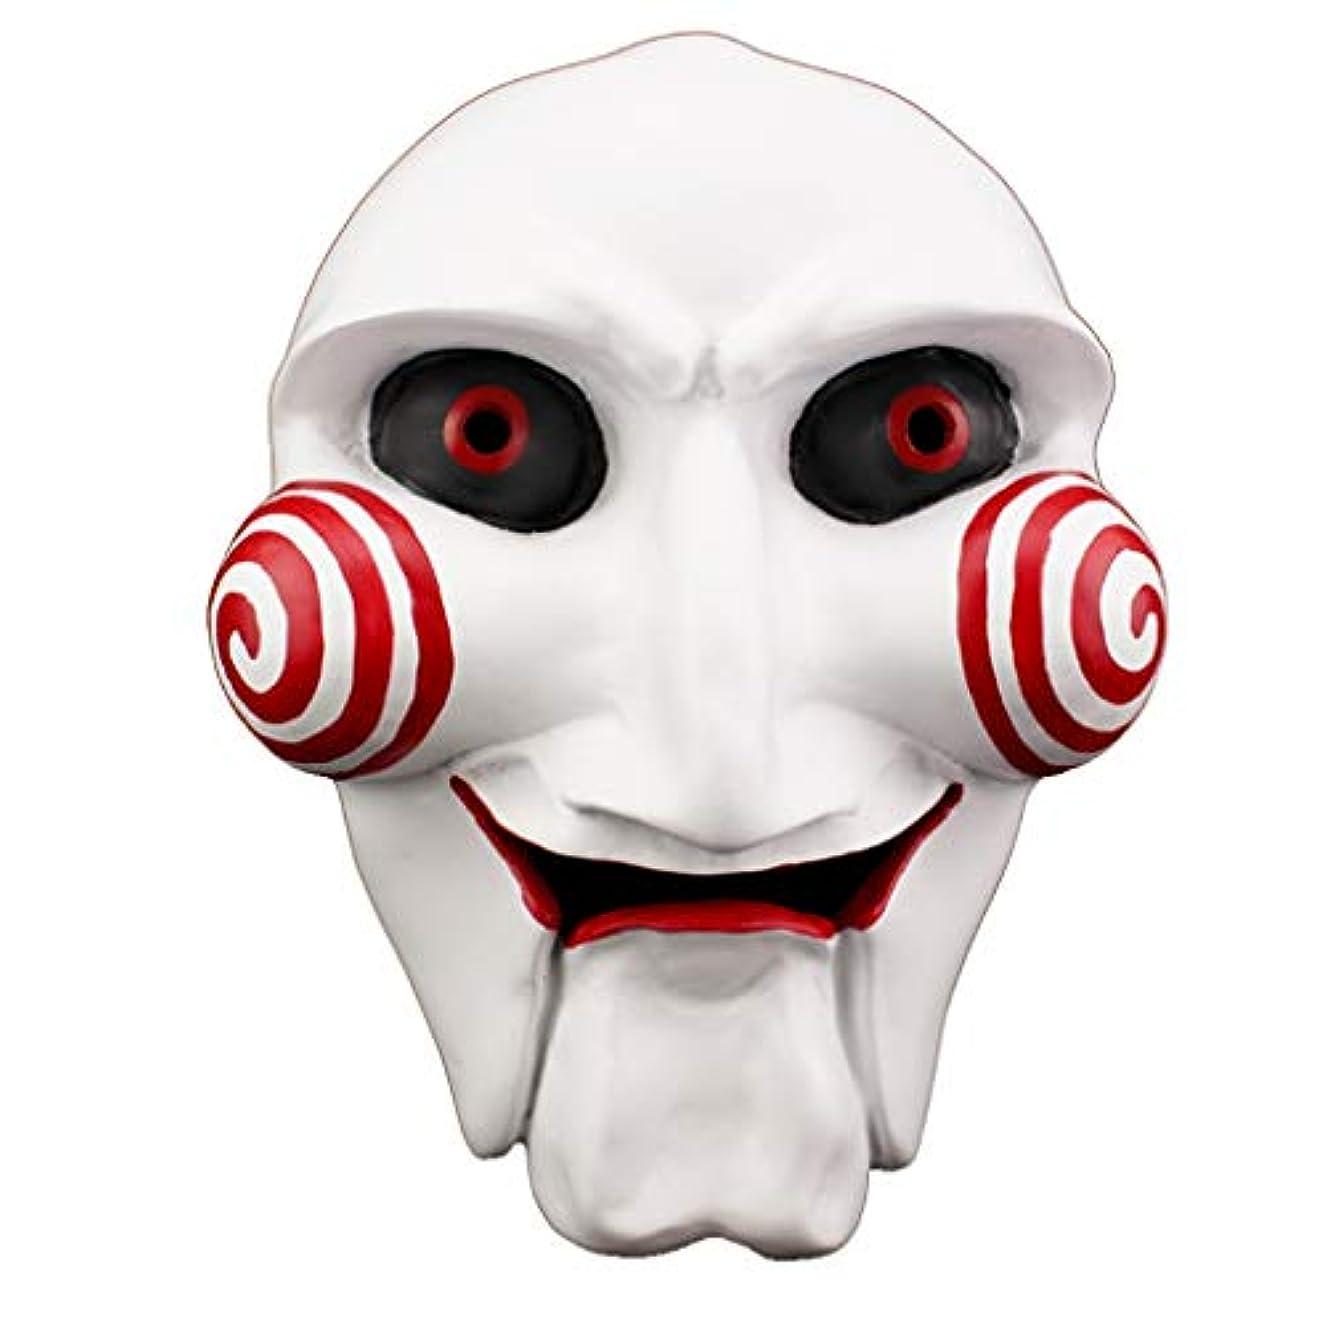 留め金空手足ハロウィンホラーマスクダンスパーティーメンズキラーデビルメイク樹脂マスク